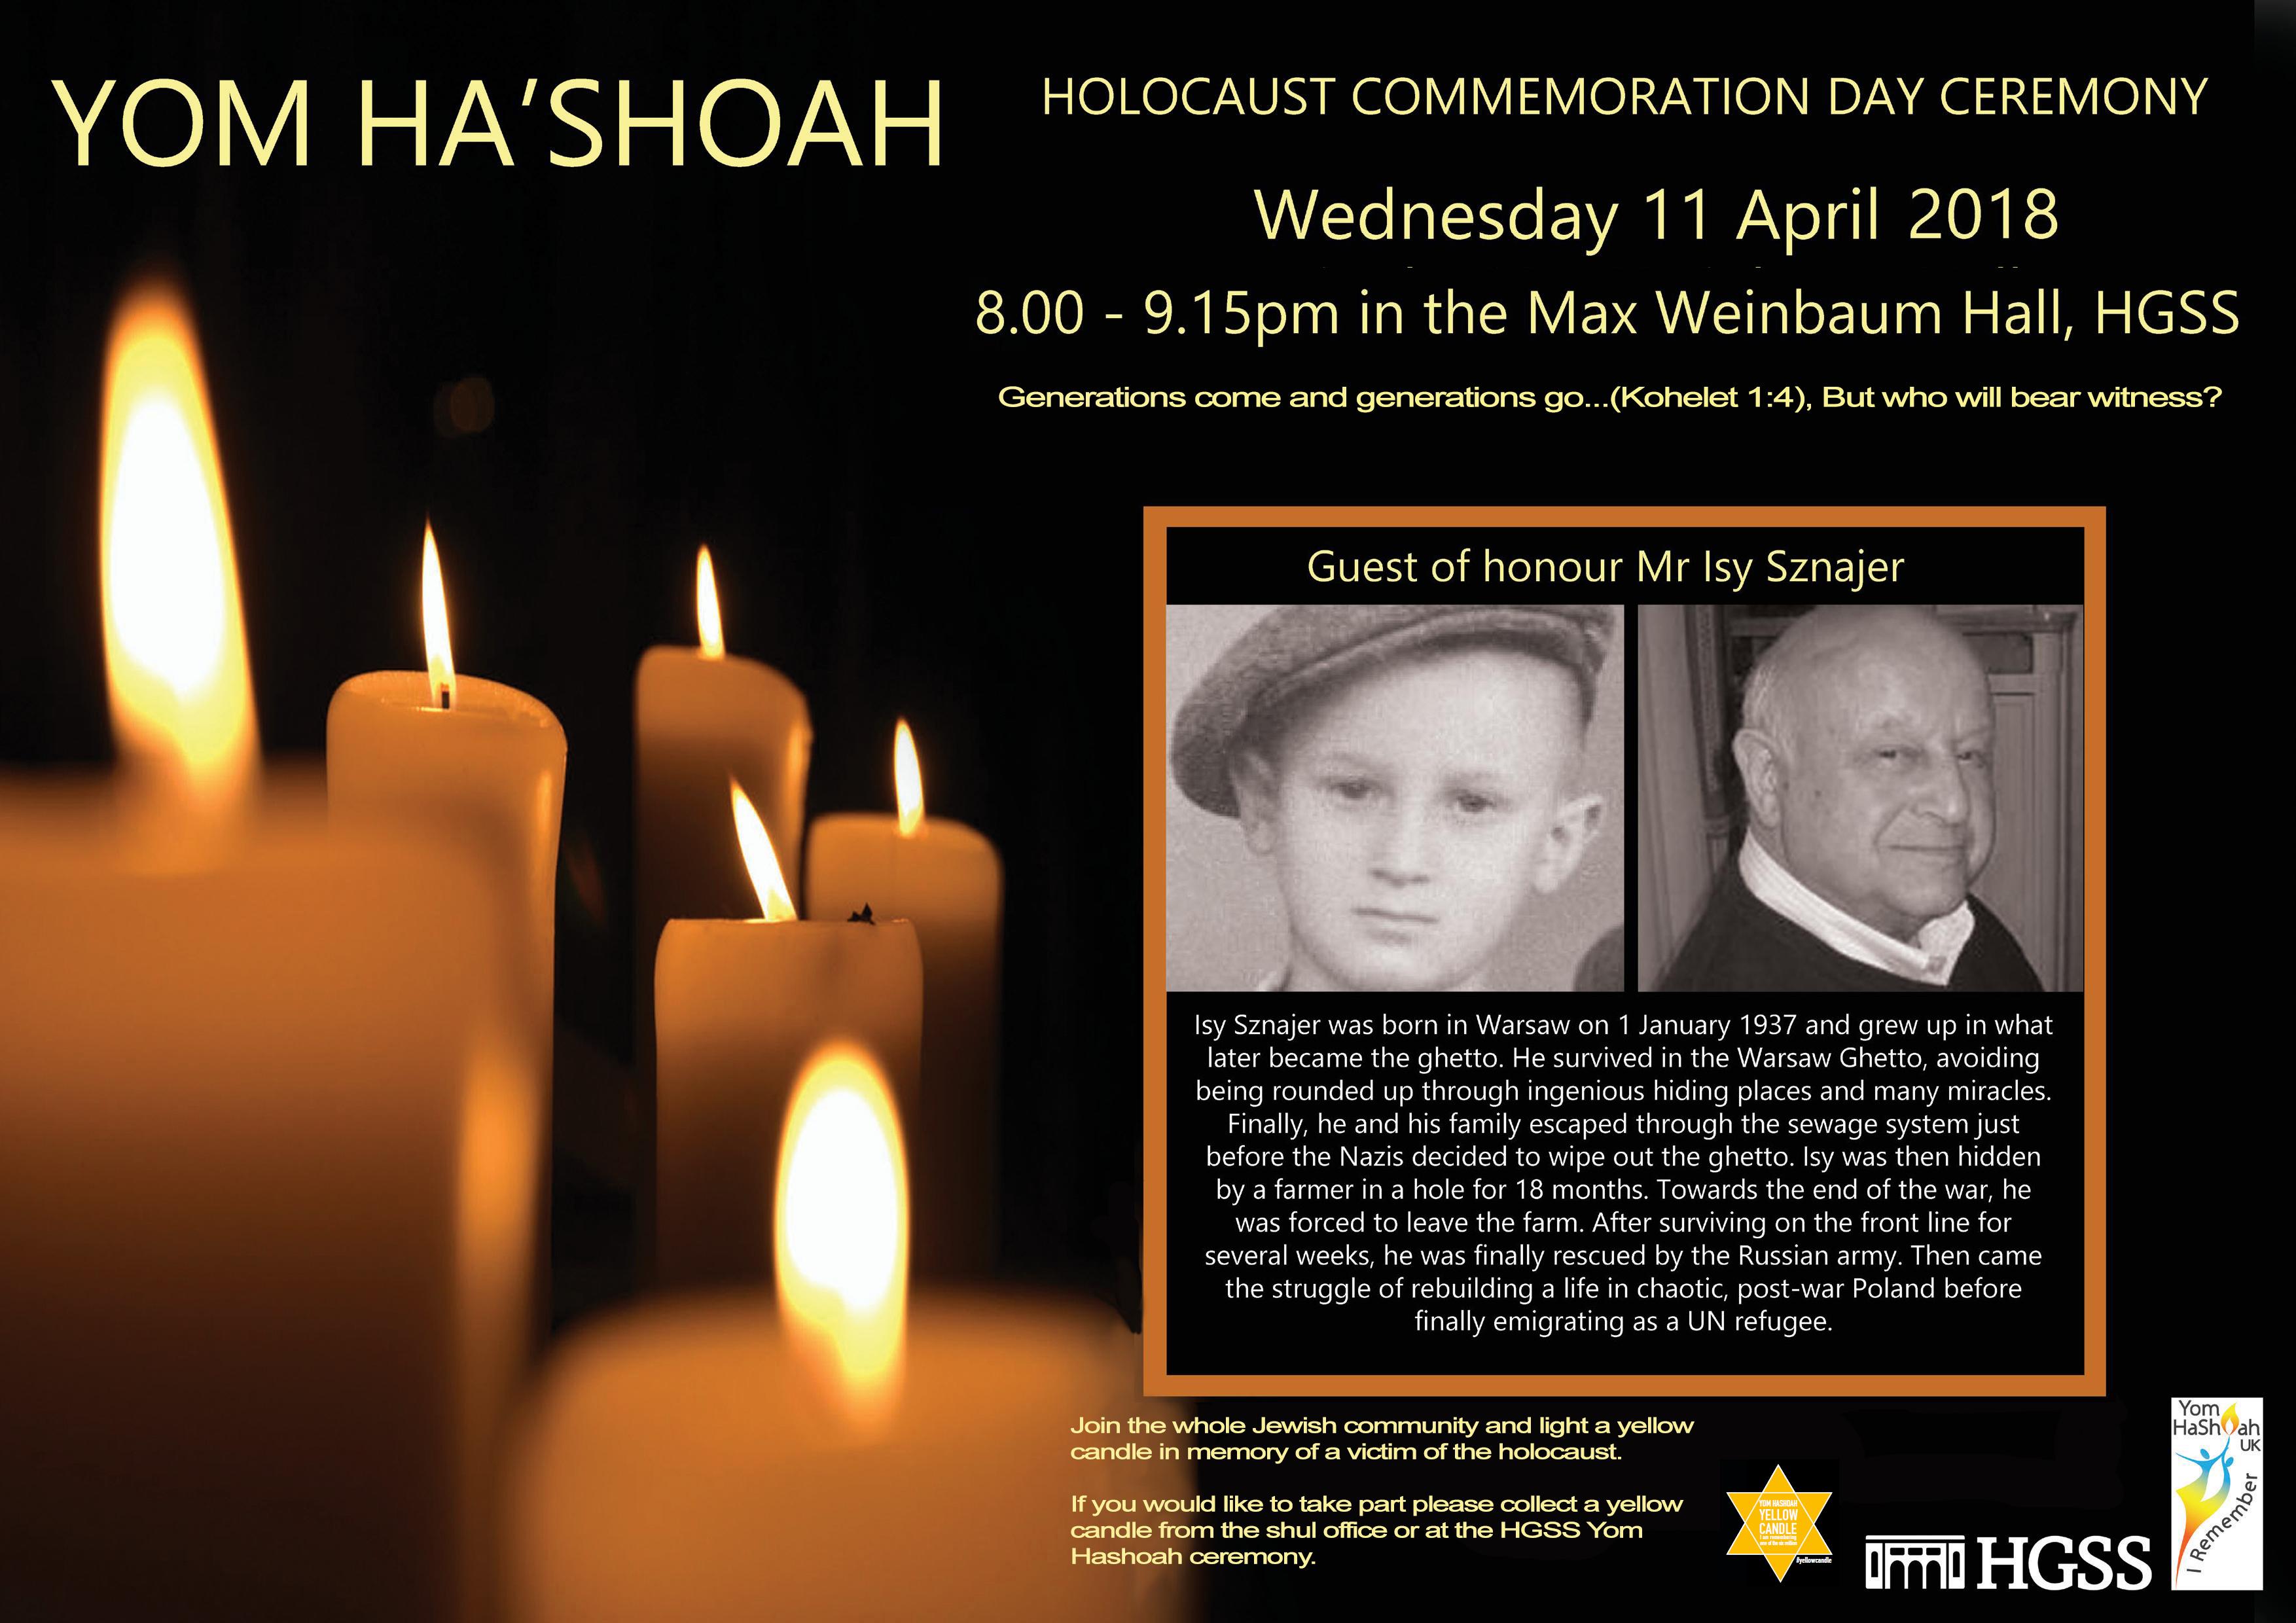 Yom Hashoah Ceremony @ Max Weinbaum Hall